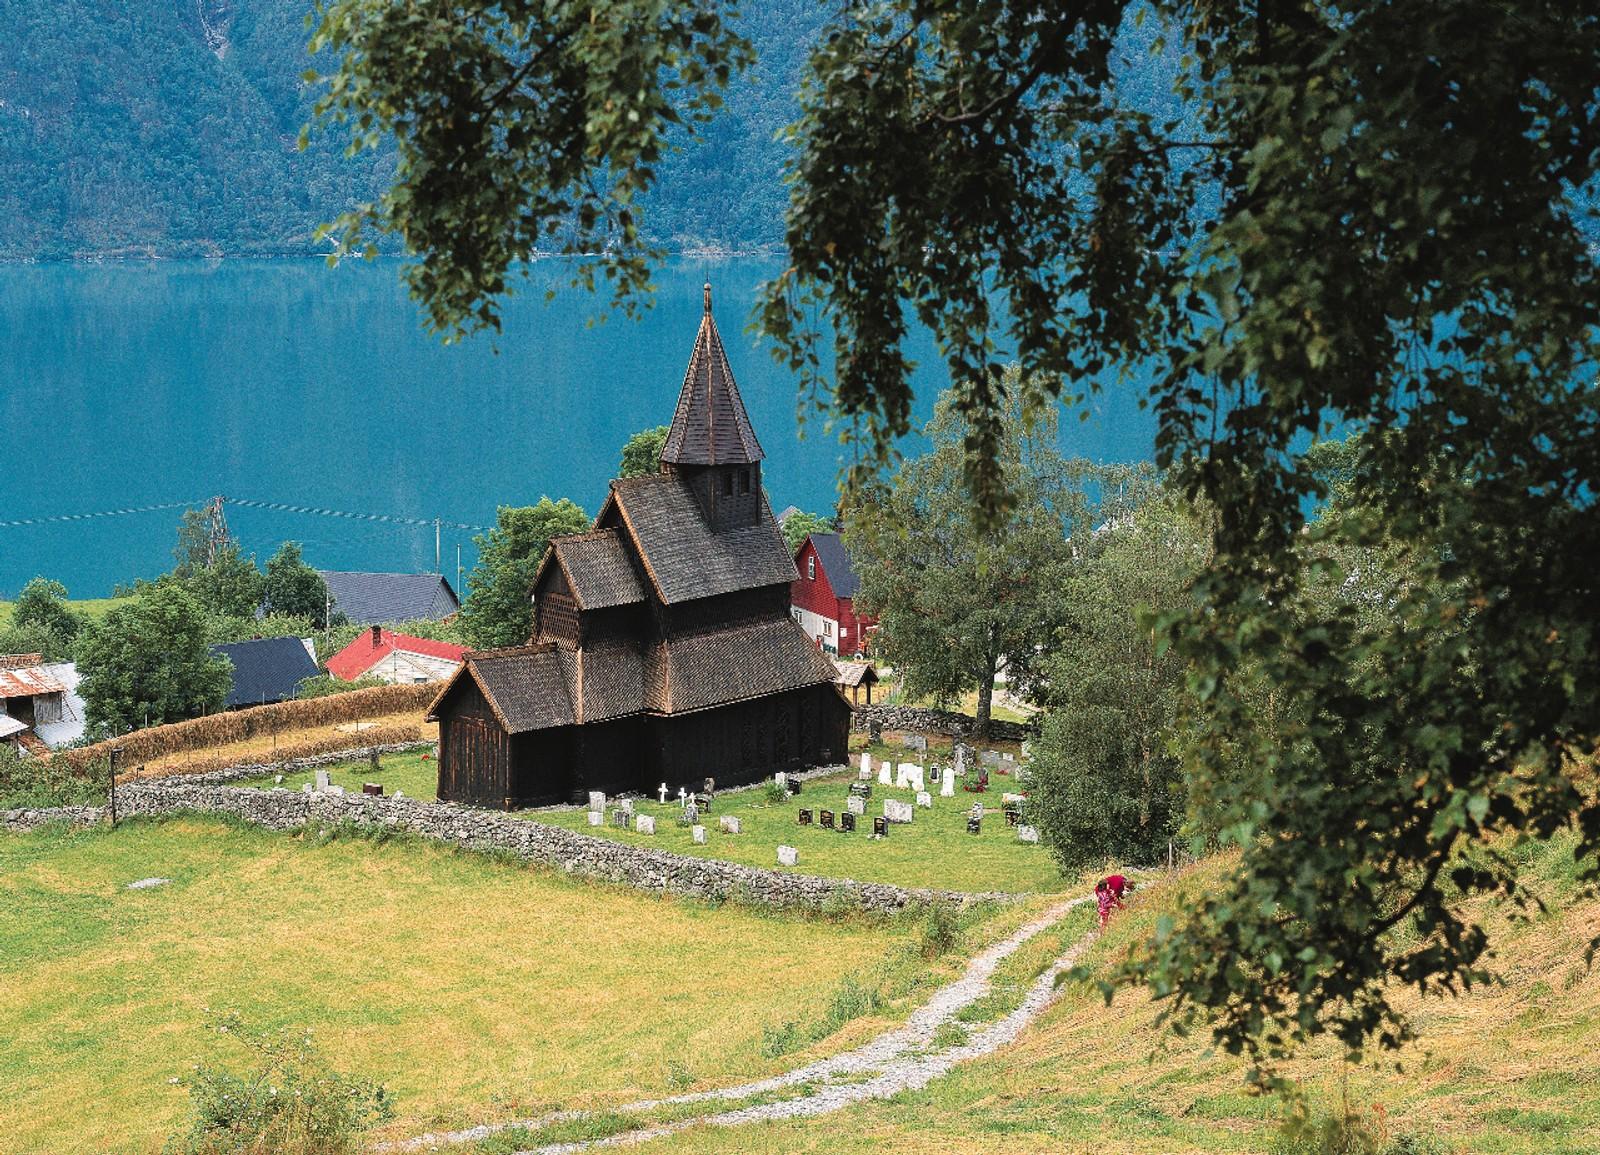 URNES STAVKIRKE: er unik, også sammenliknet med de andre 27 stavkirkene som fortsatt finnes i Norge. Den ble bygd i andre halvdel av 1100-tallet og er en av de eldste og best bevarte av stavkirkene.